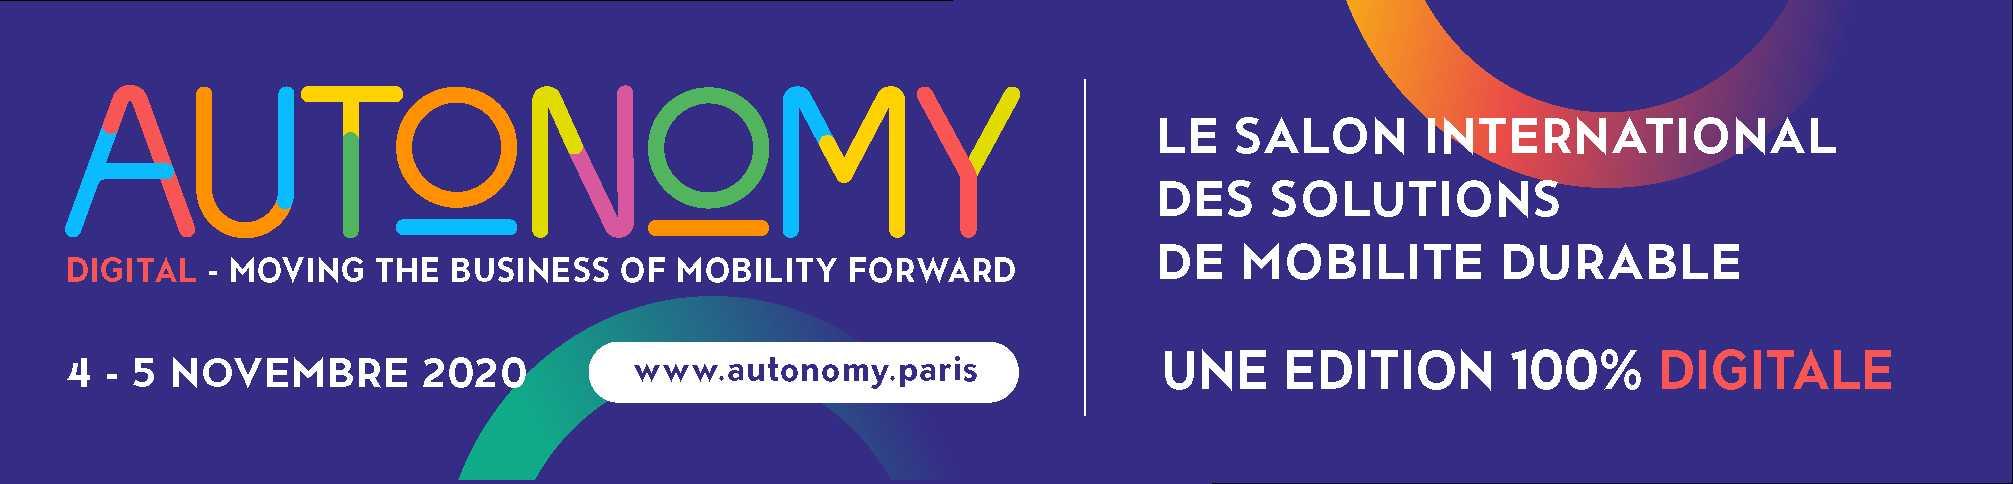 Mobilité durable: L'APVF partenaire du salon international des solutions de mobilité durable